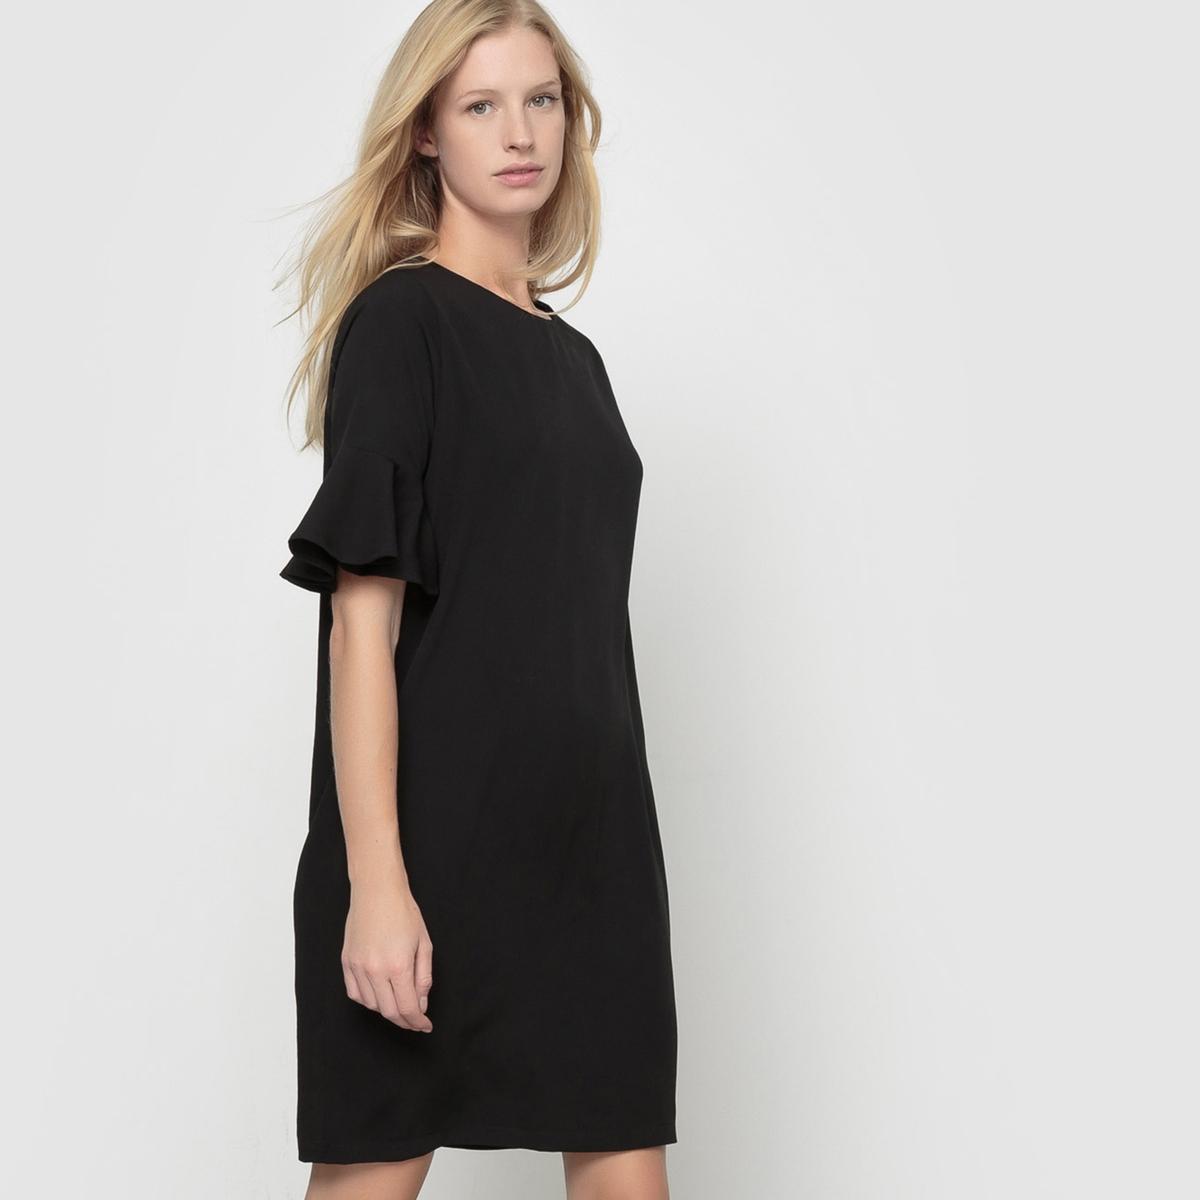 Платье с короткими рукавами CarmoСостав и описаниеМатериал : 100% полиэстерМарка : ICHI.Модель : CarmoУходСледуйте инструкции по уходу на этикетке<br><br>Цвет: черный<br>Размер: XL